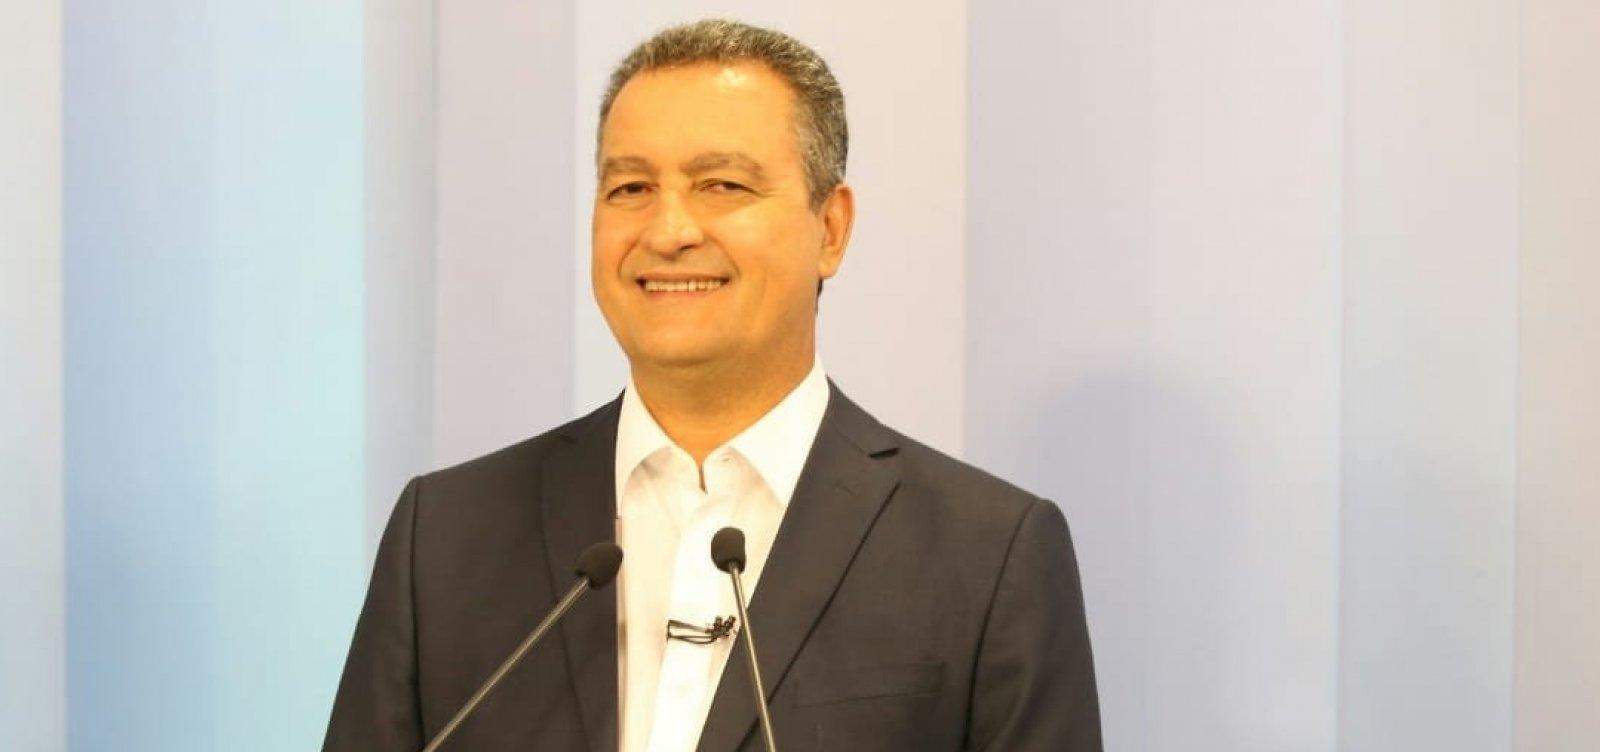 [Debate na TV Bahia: para fugir de Ronaldo e Santana, Rui faz dobradinha com candidato de Bolsonaro]